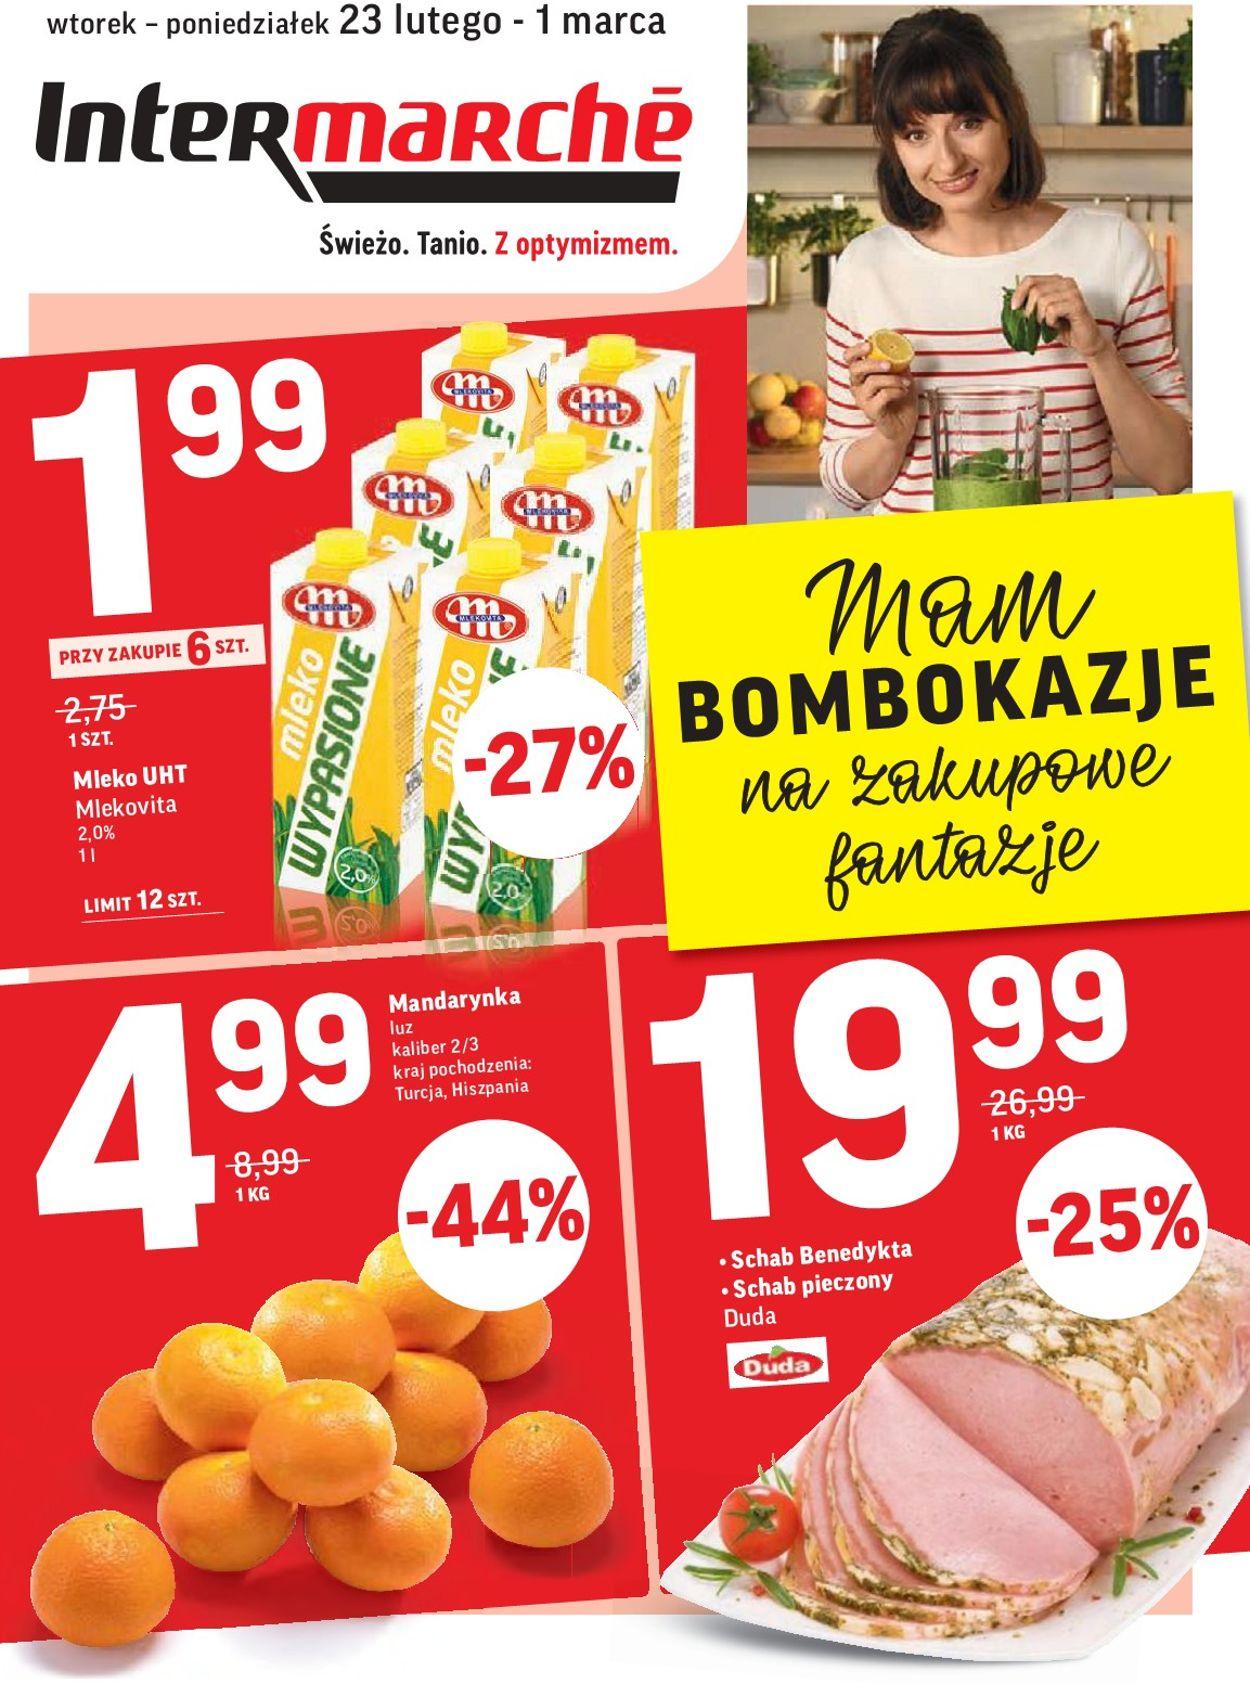 Gazetka promocyjna Intermarché - 23.02-01.03.2021